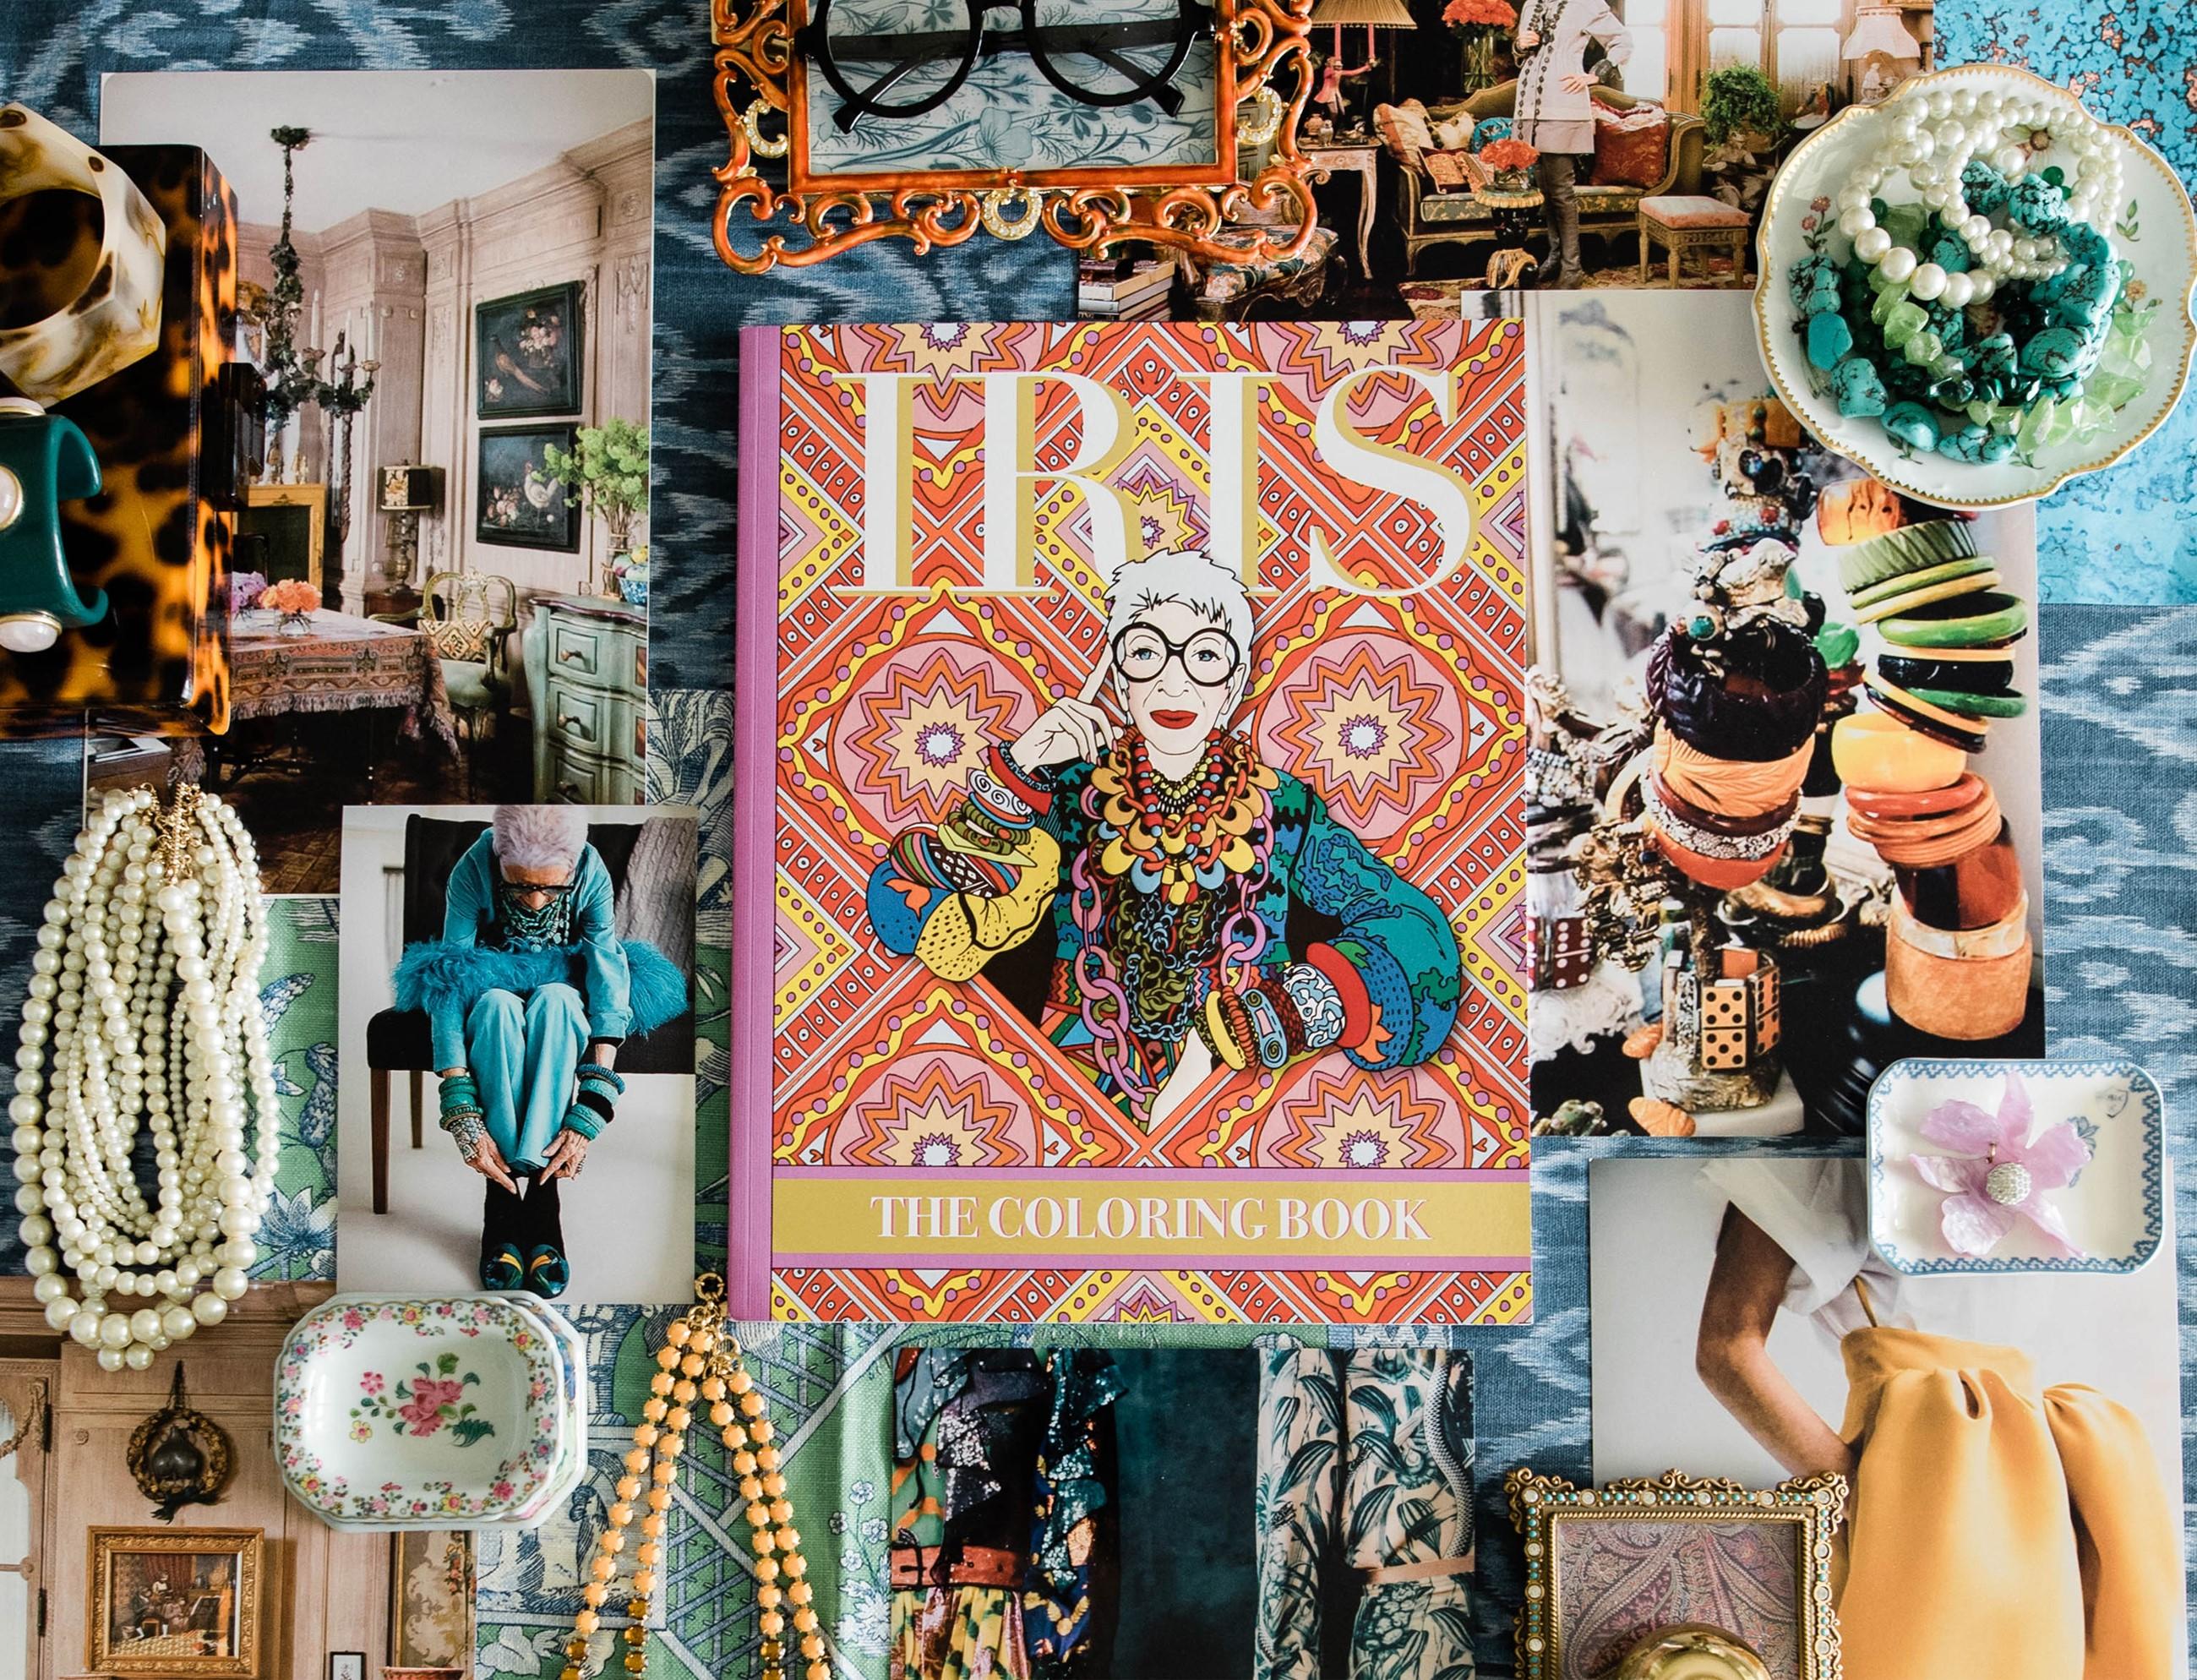 IRIS Coloring Book